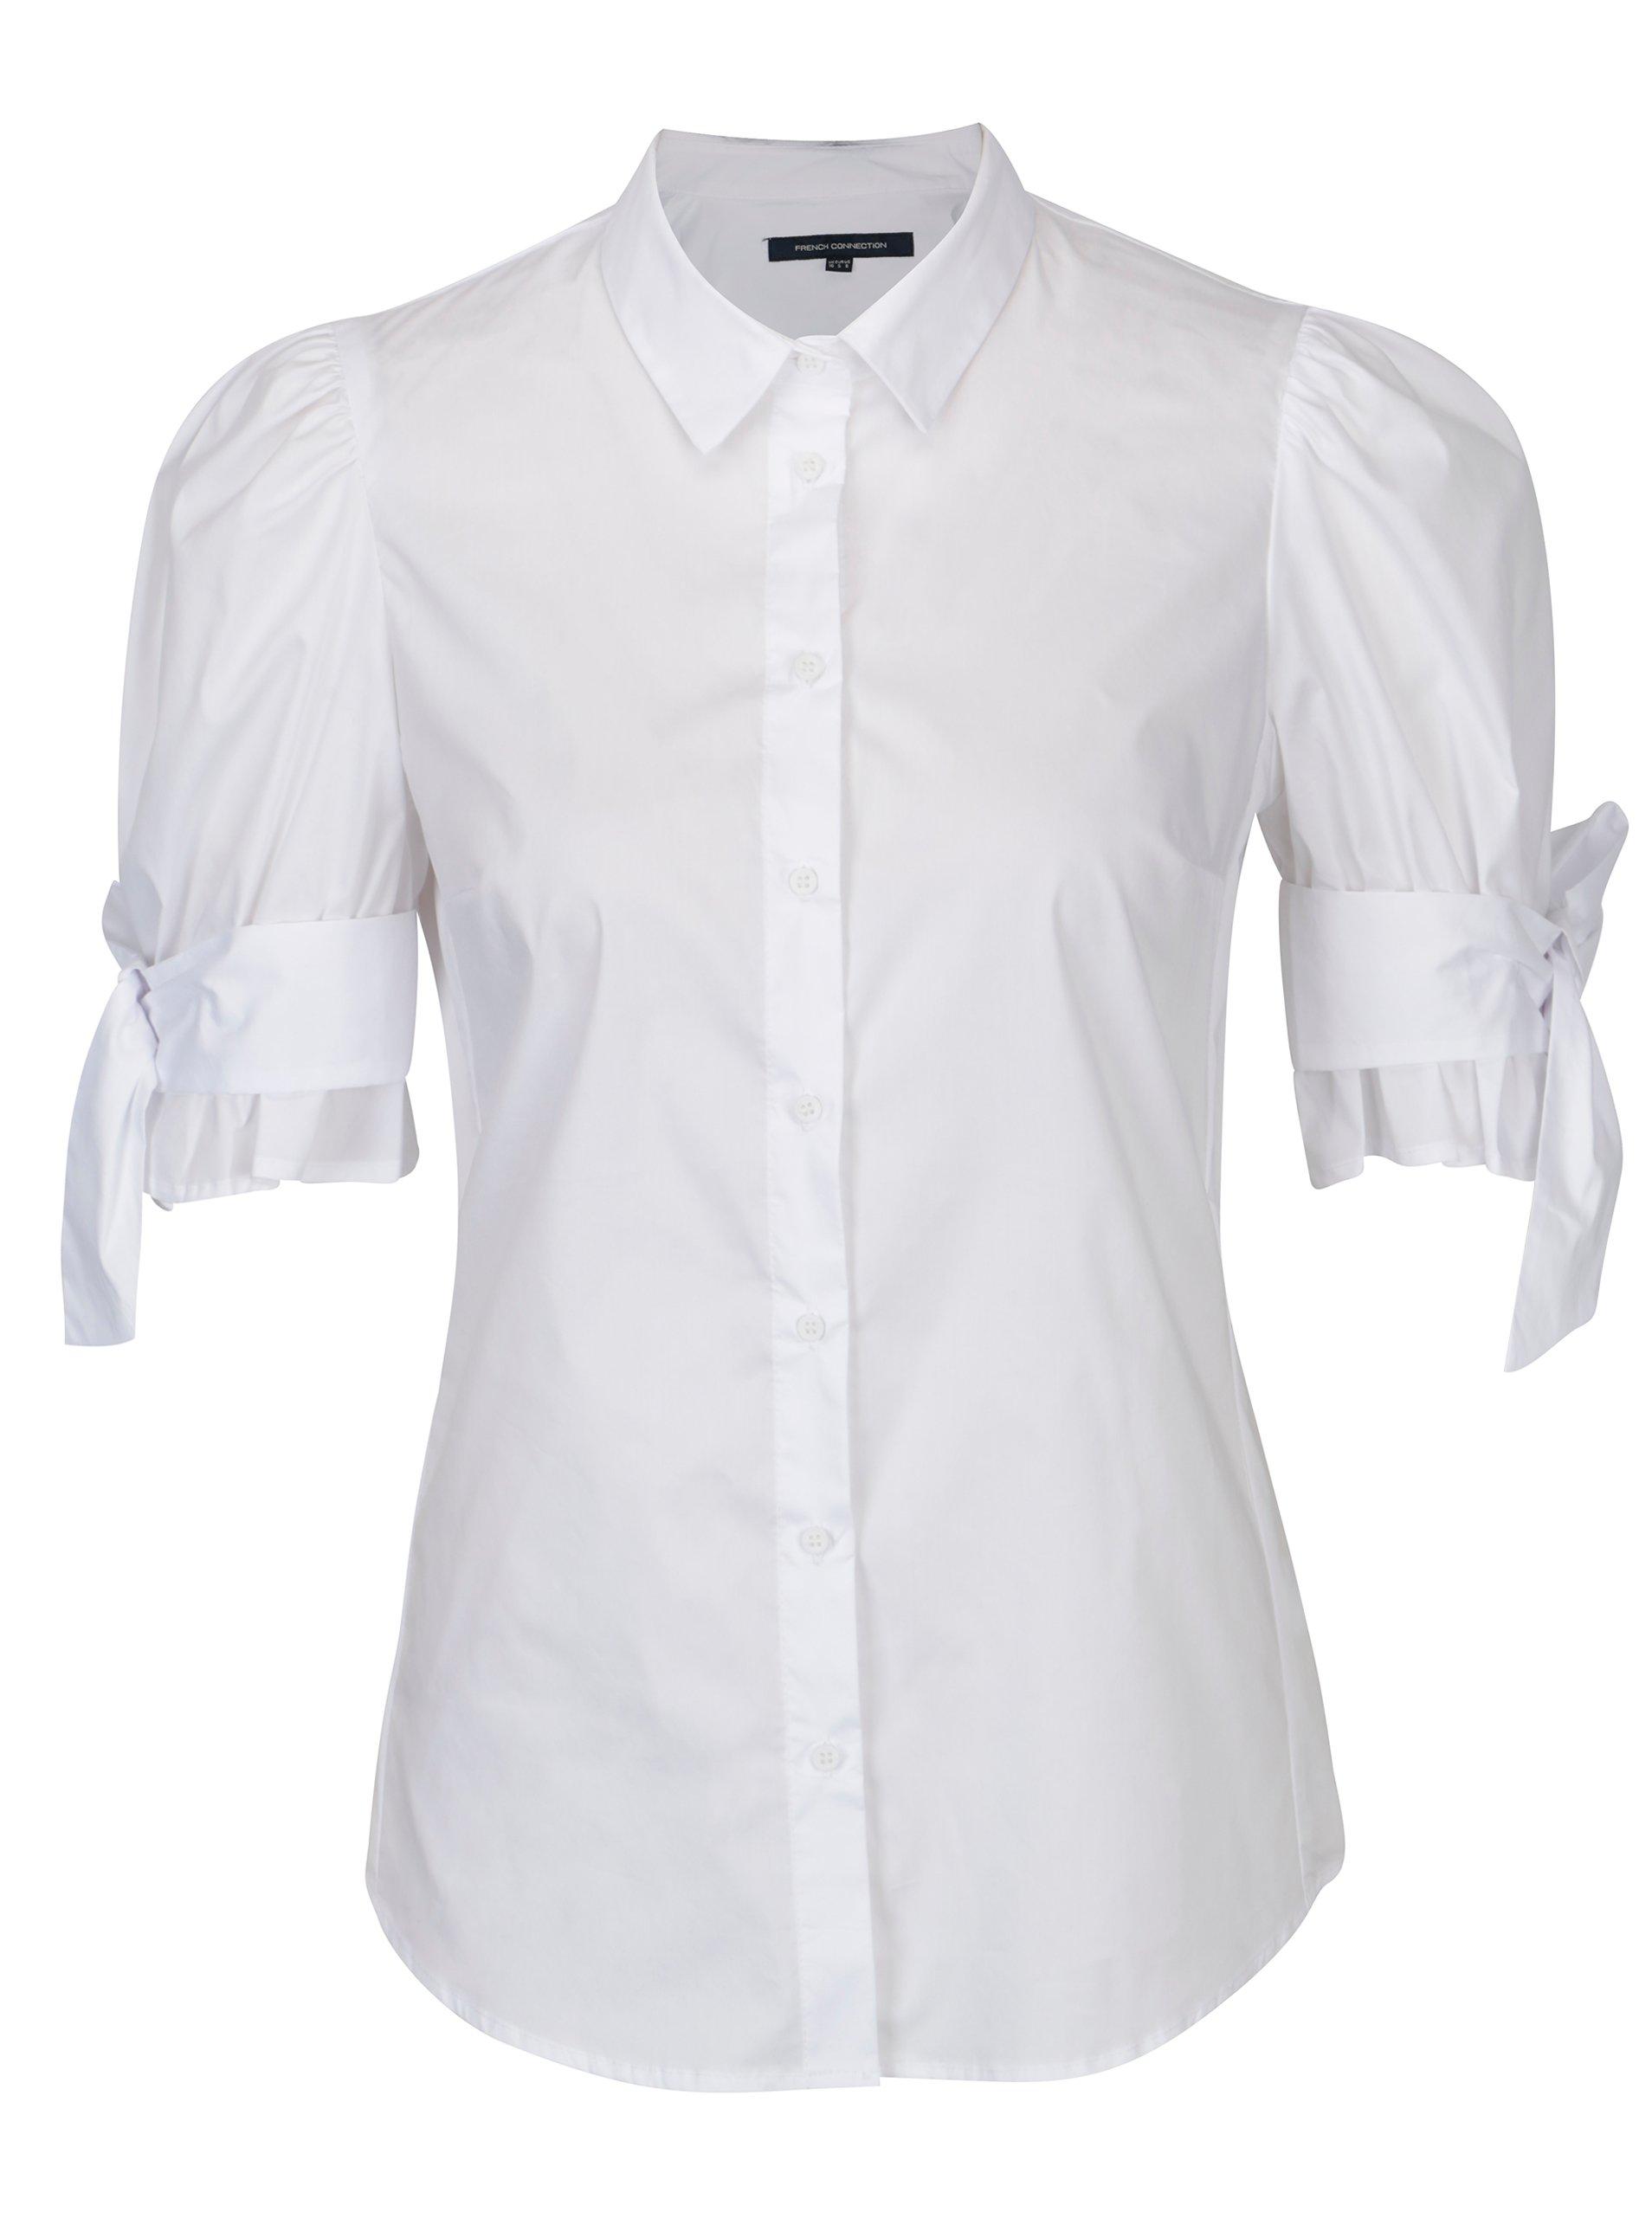 Bílá košile s mašlí na rukávech French Connection Eastside 9a038a21e8